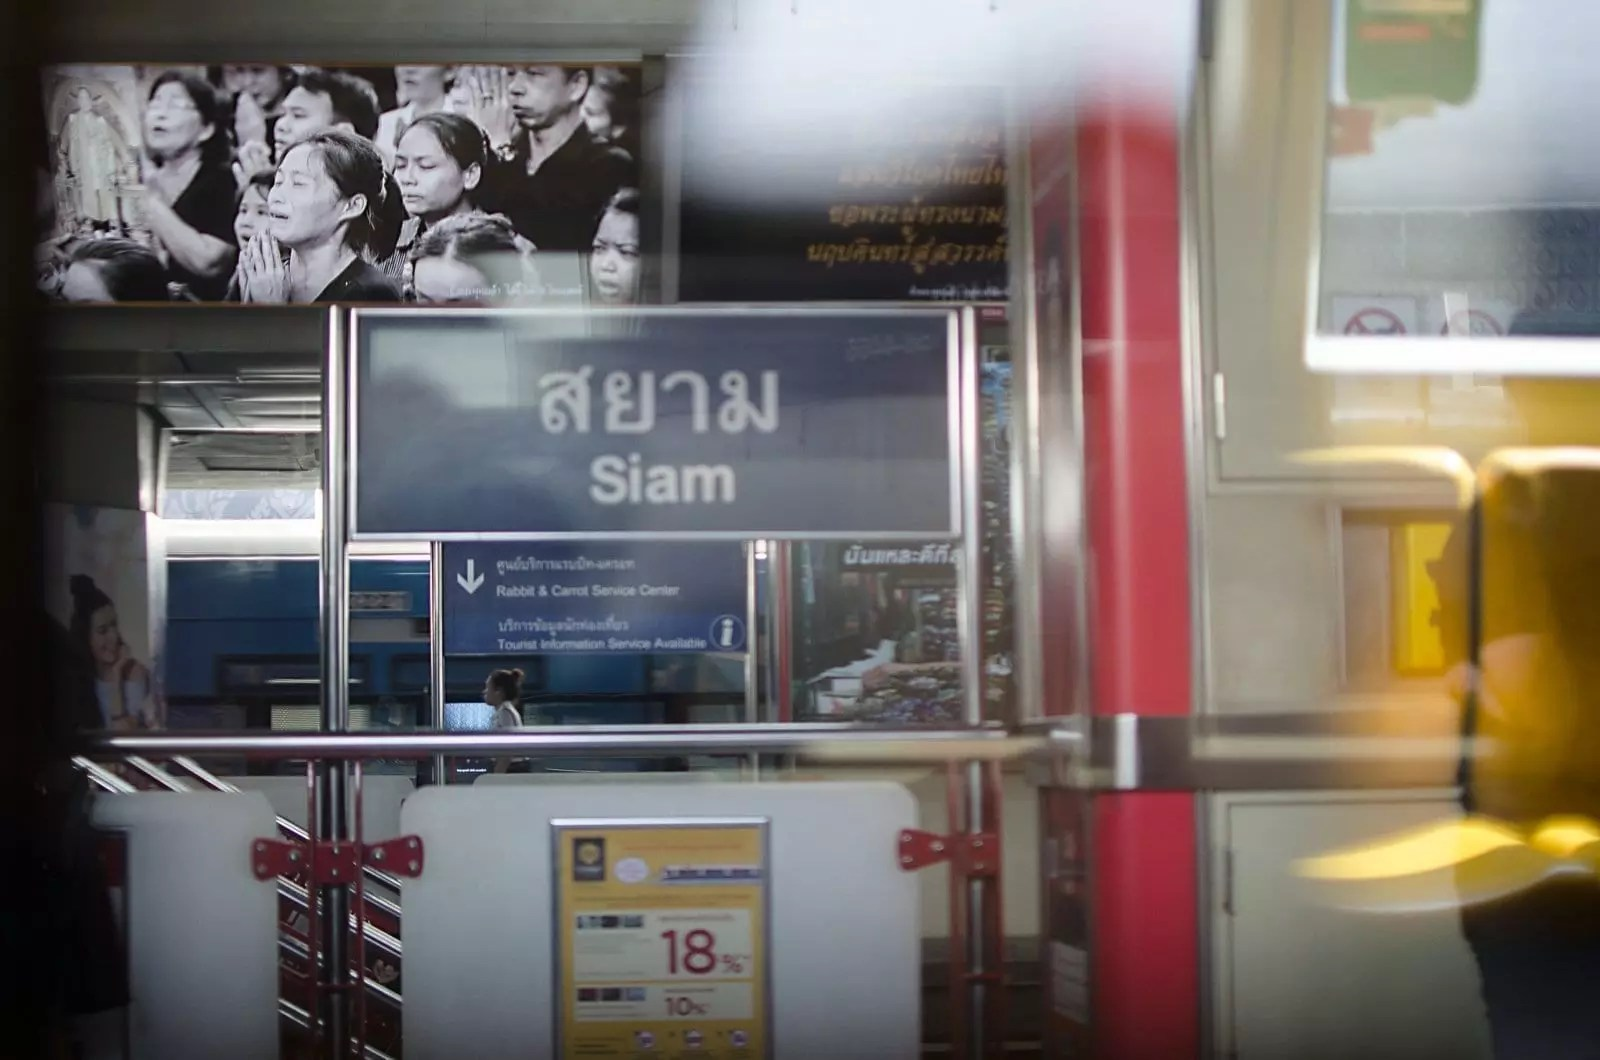 Rama IX | ©Joyce Donnarumma, 2017